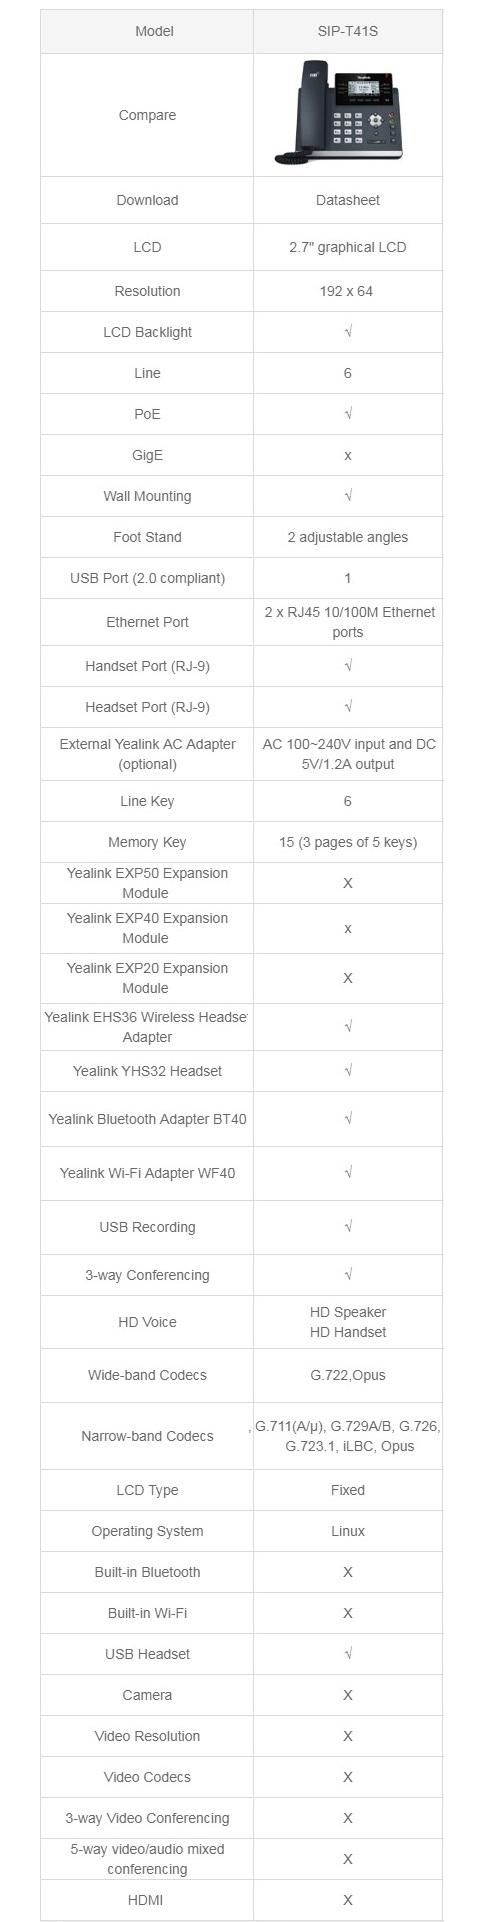 Yealink T41S 6 Line IP Phone 2.7